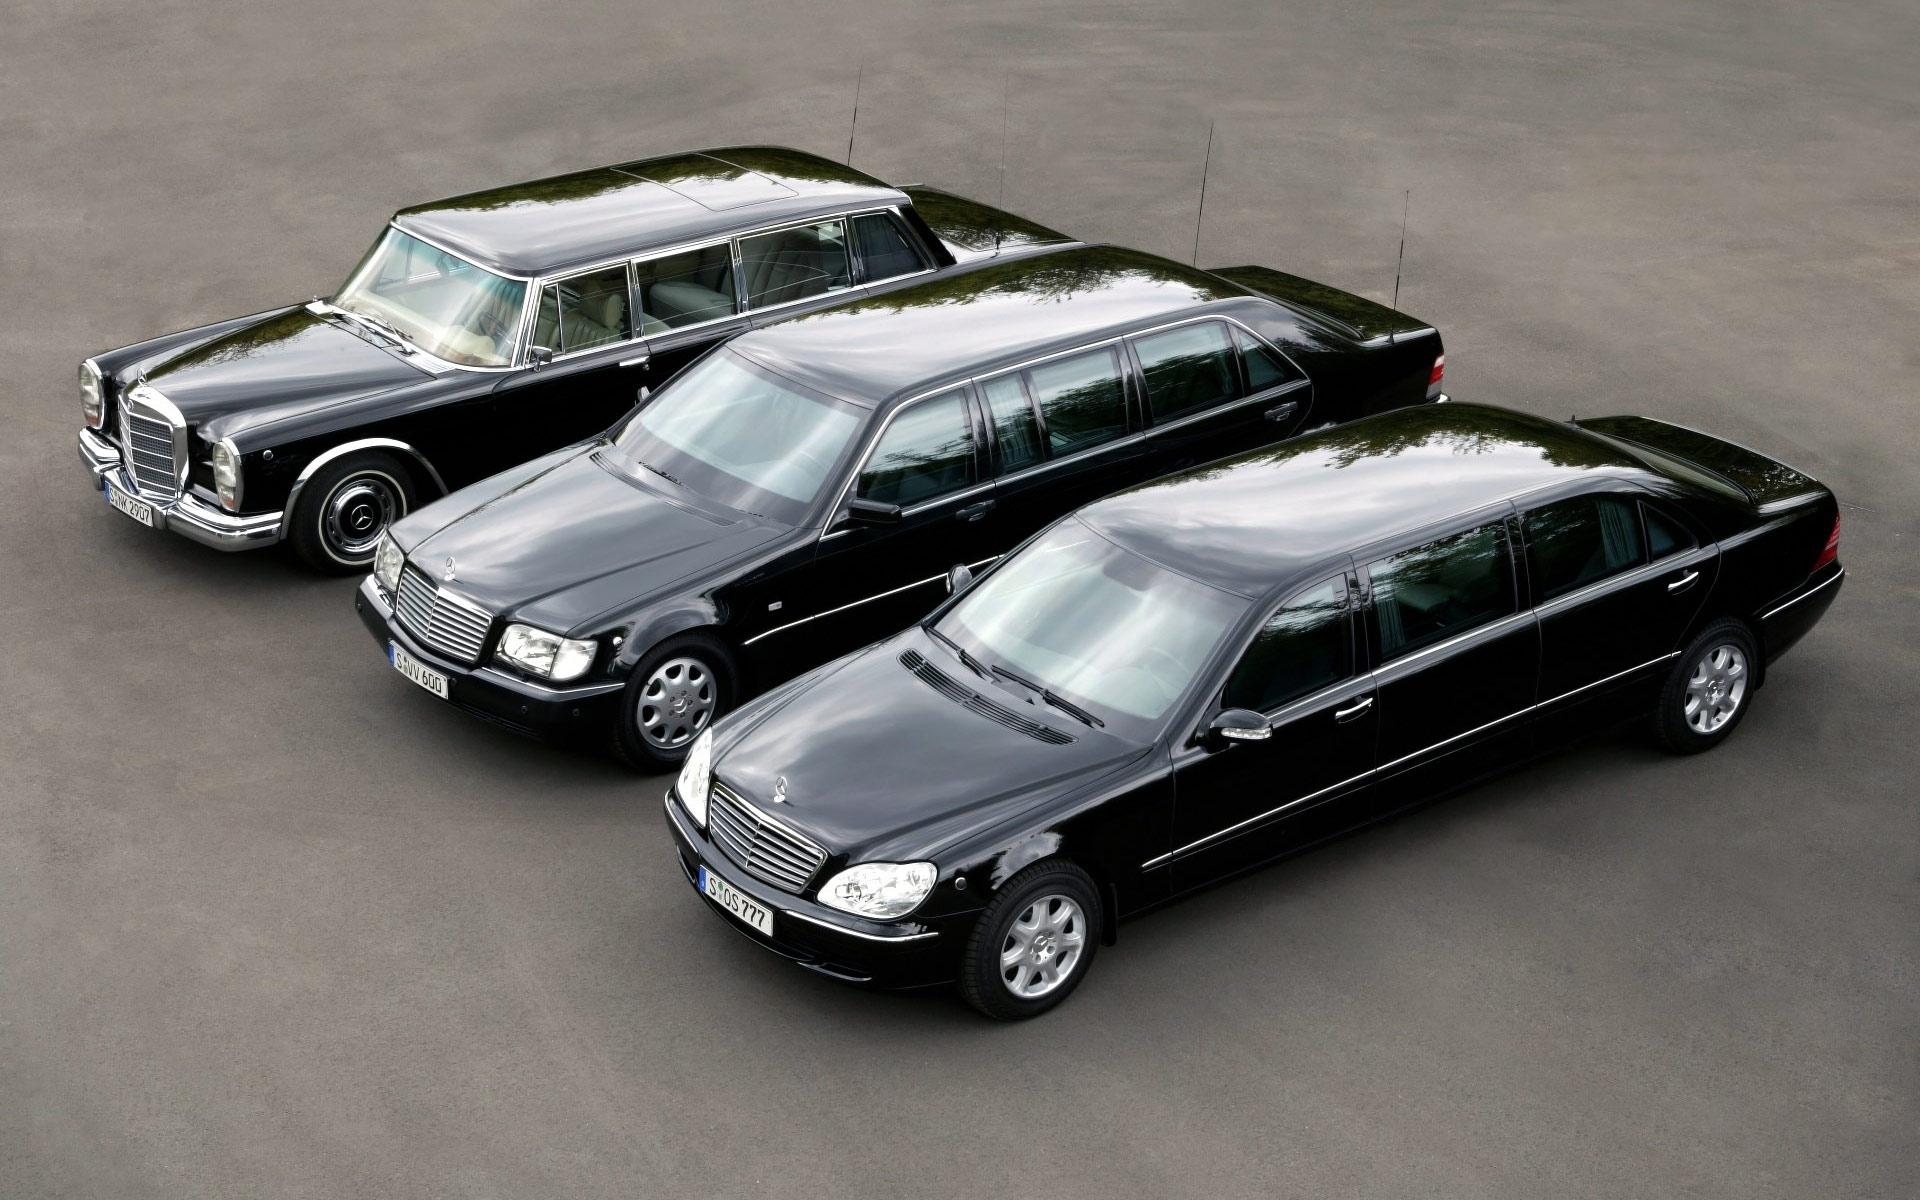 40661 скачать обои Транспорт, Машины, Мерседес (Mercedes) - заставки и картинки бесплатно